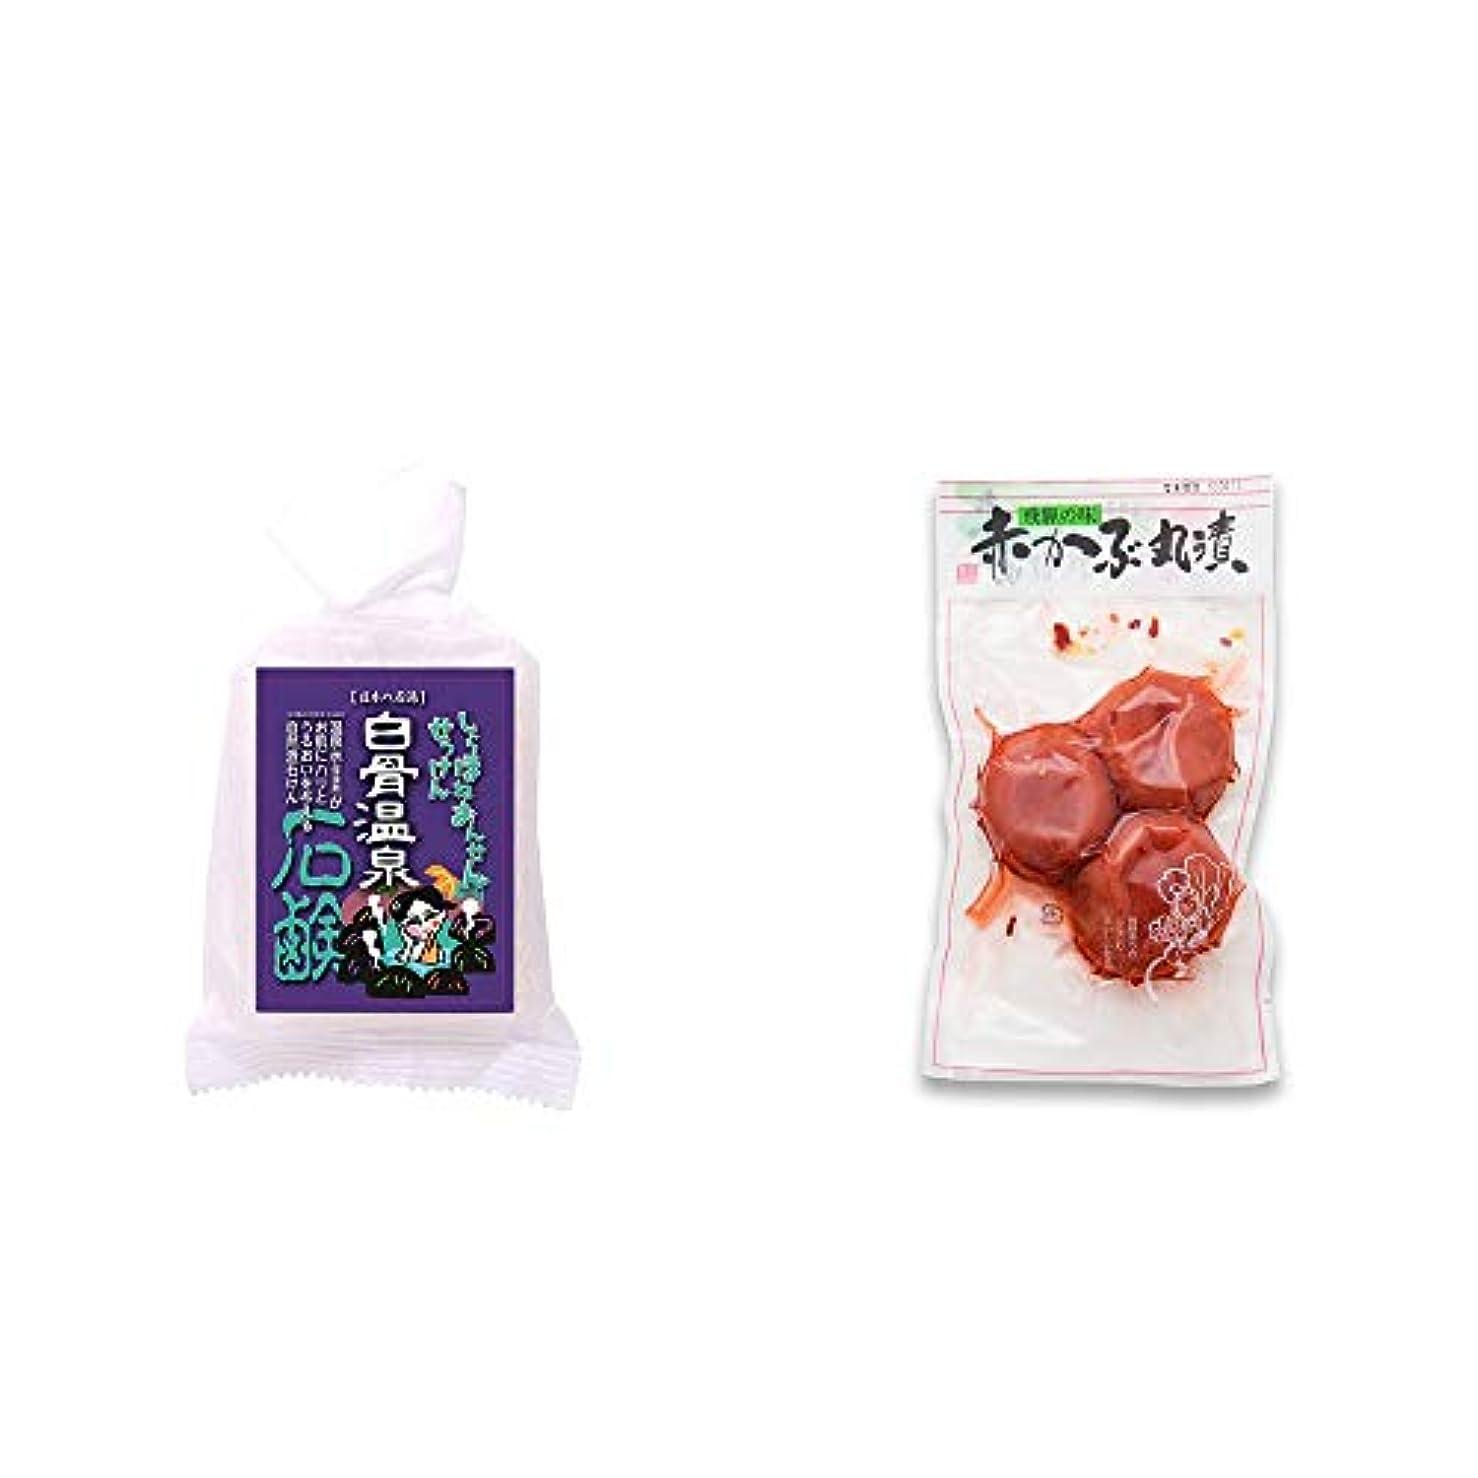 優遇忠実な旅[2点セット] 信州 白骨温泉石鹸(80g)?赤かぶ丸漬け(150g)